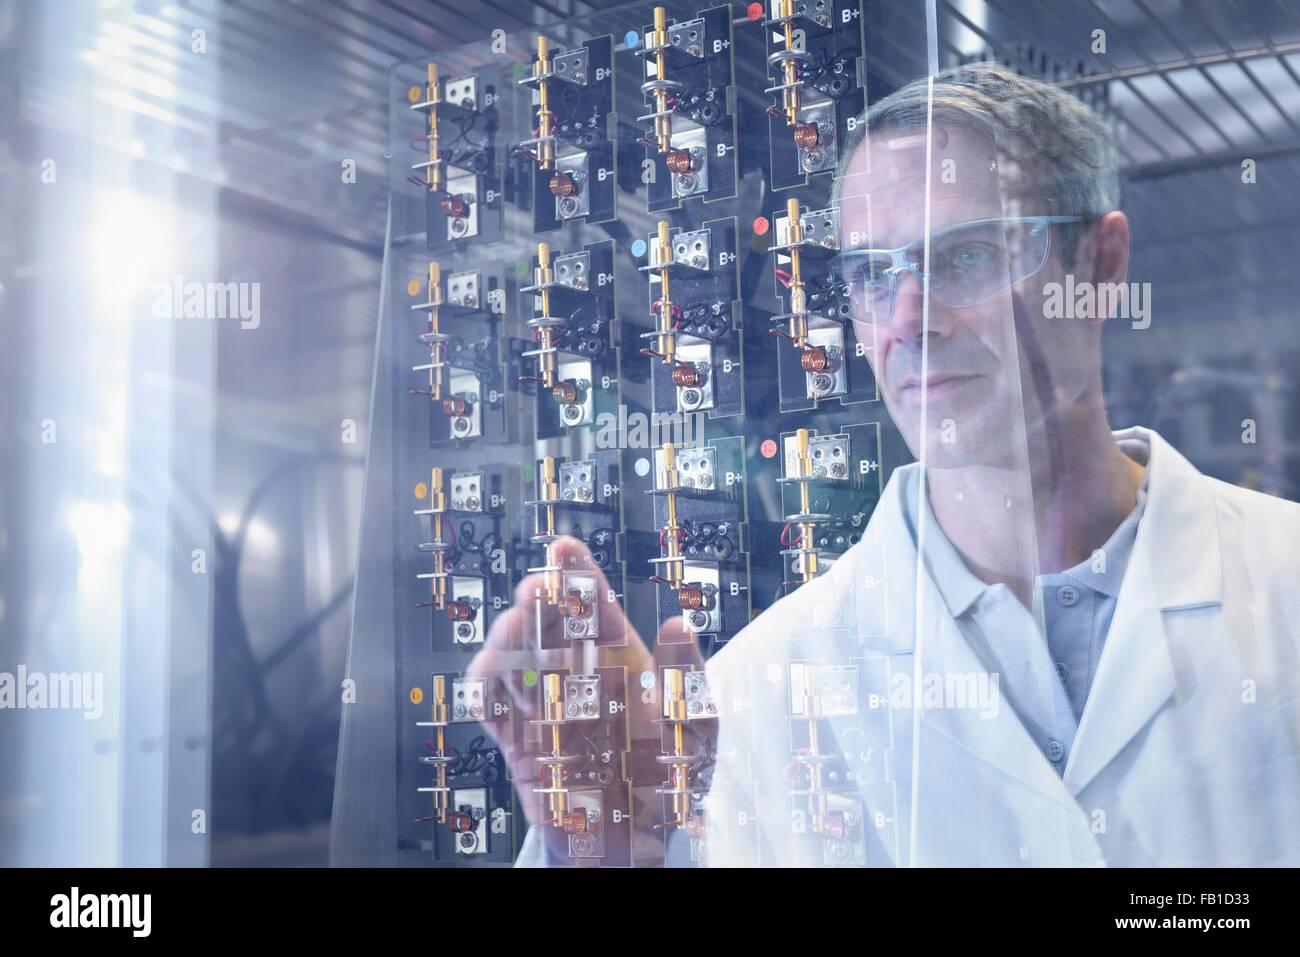 Test scientifique l'inspection des batteries au lithium-ion dans la chambre la chaleur dans l'installation Photo Stock